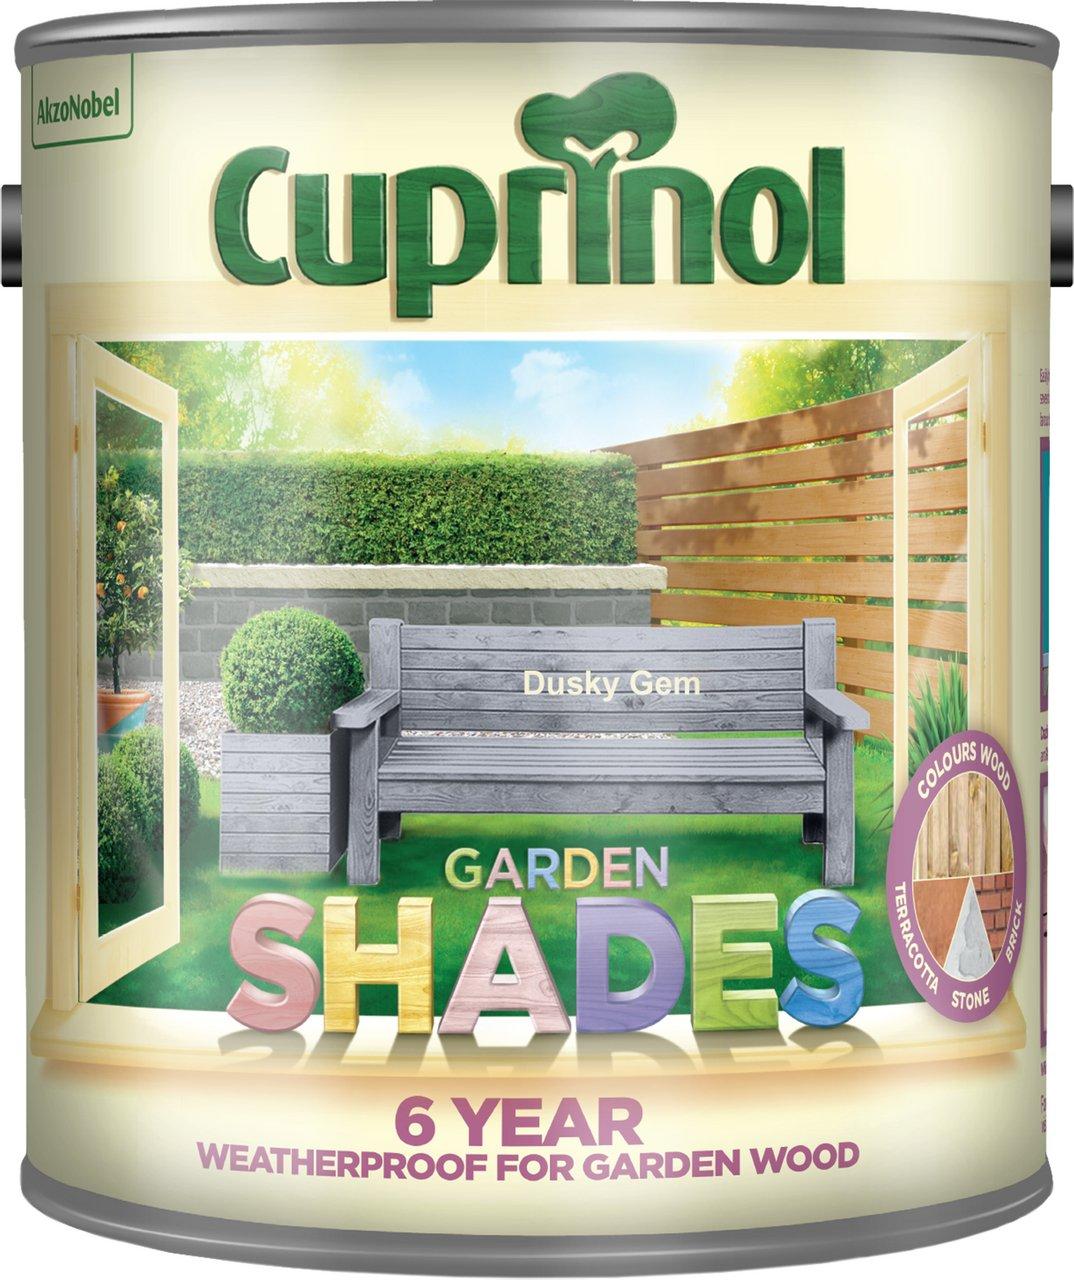 Cuprinol 2.5 Litre Garden Shades Special Mix Colours Dusky Gem